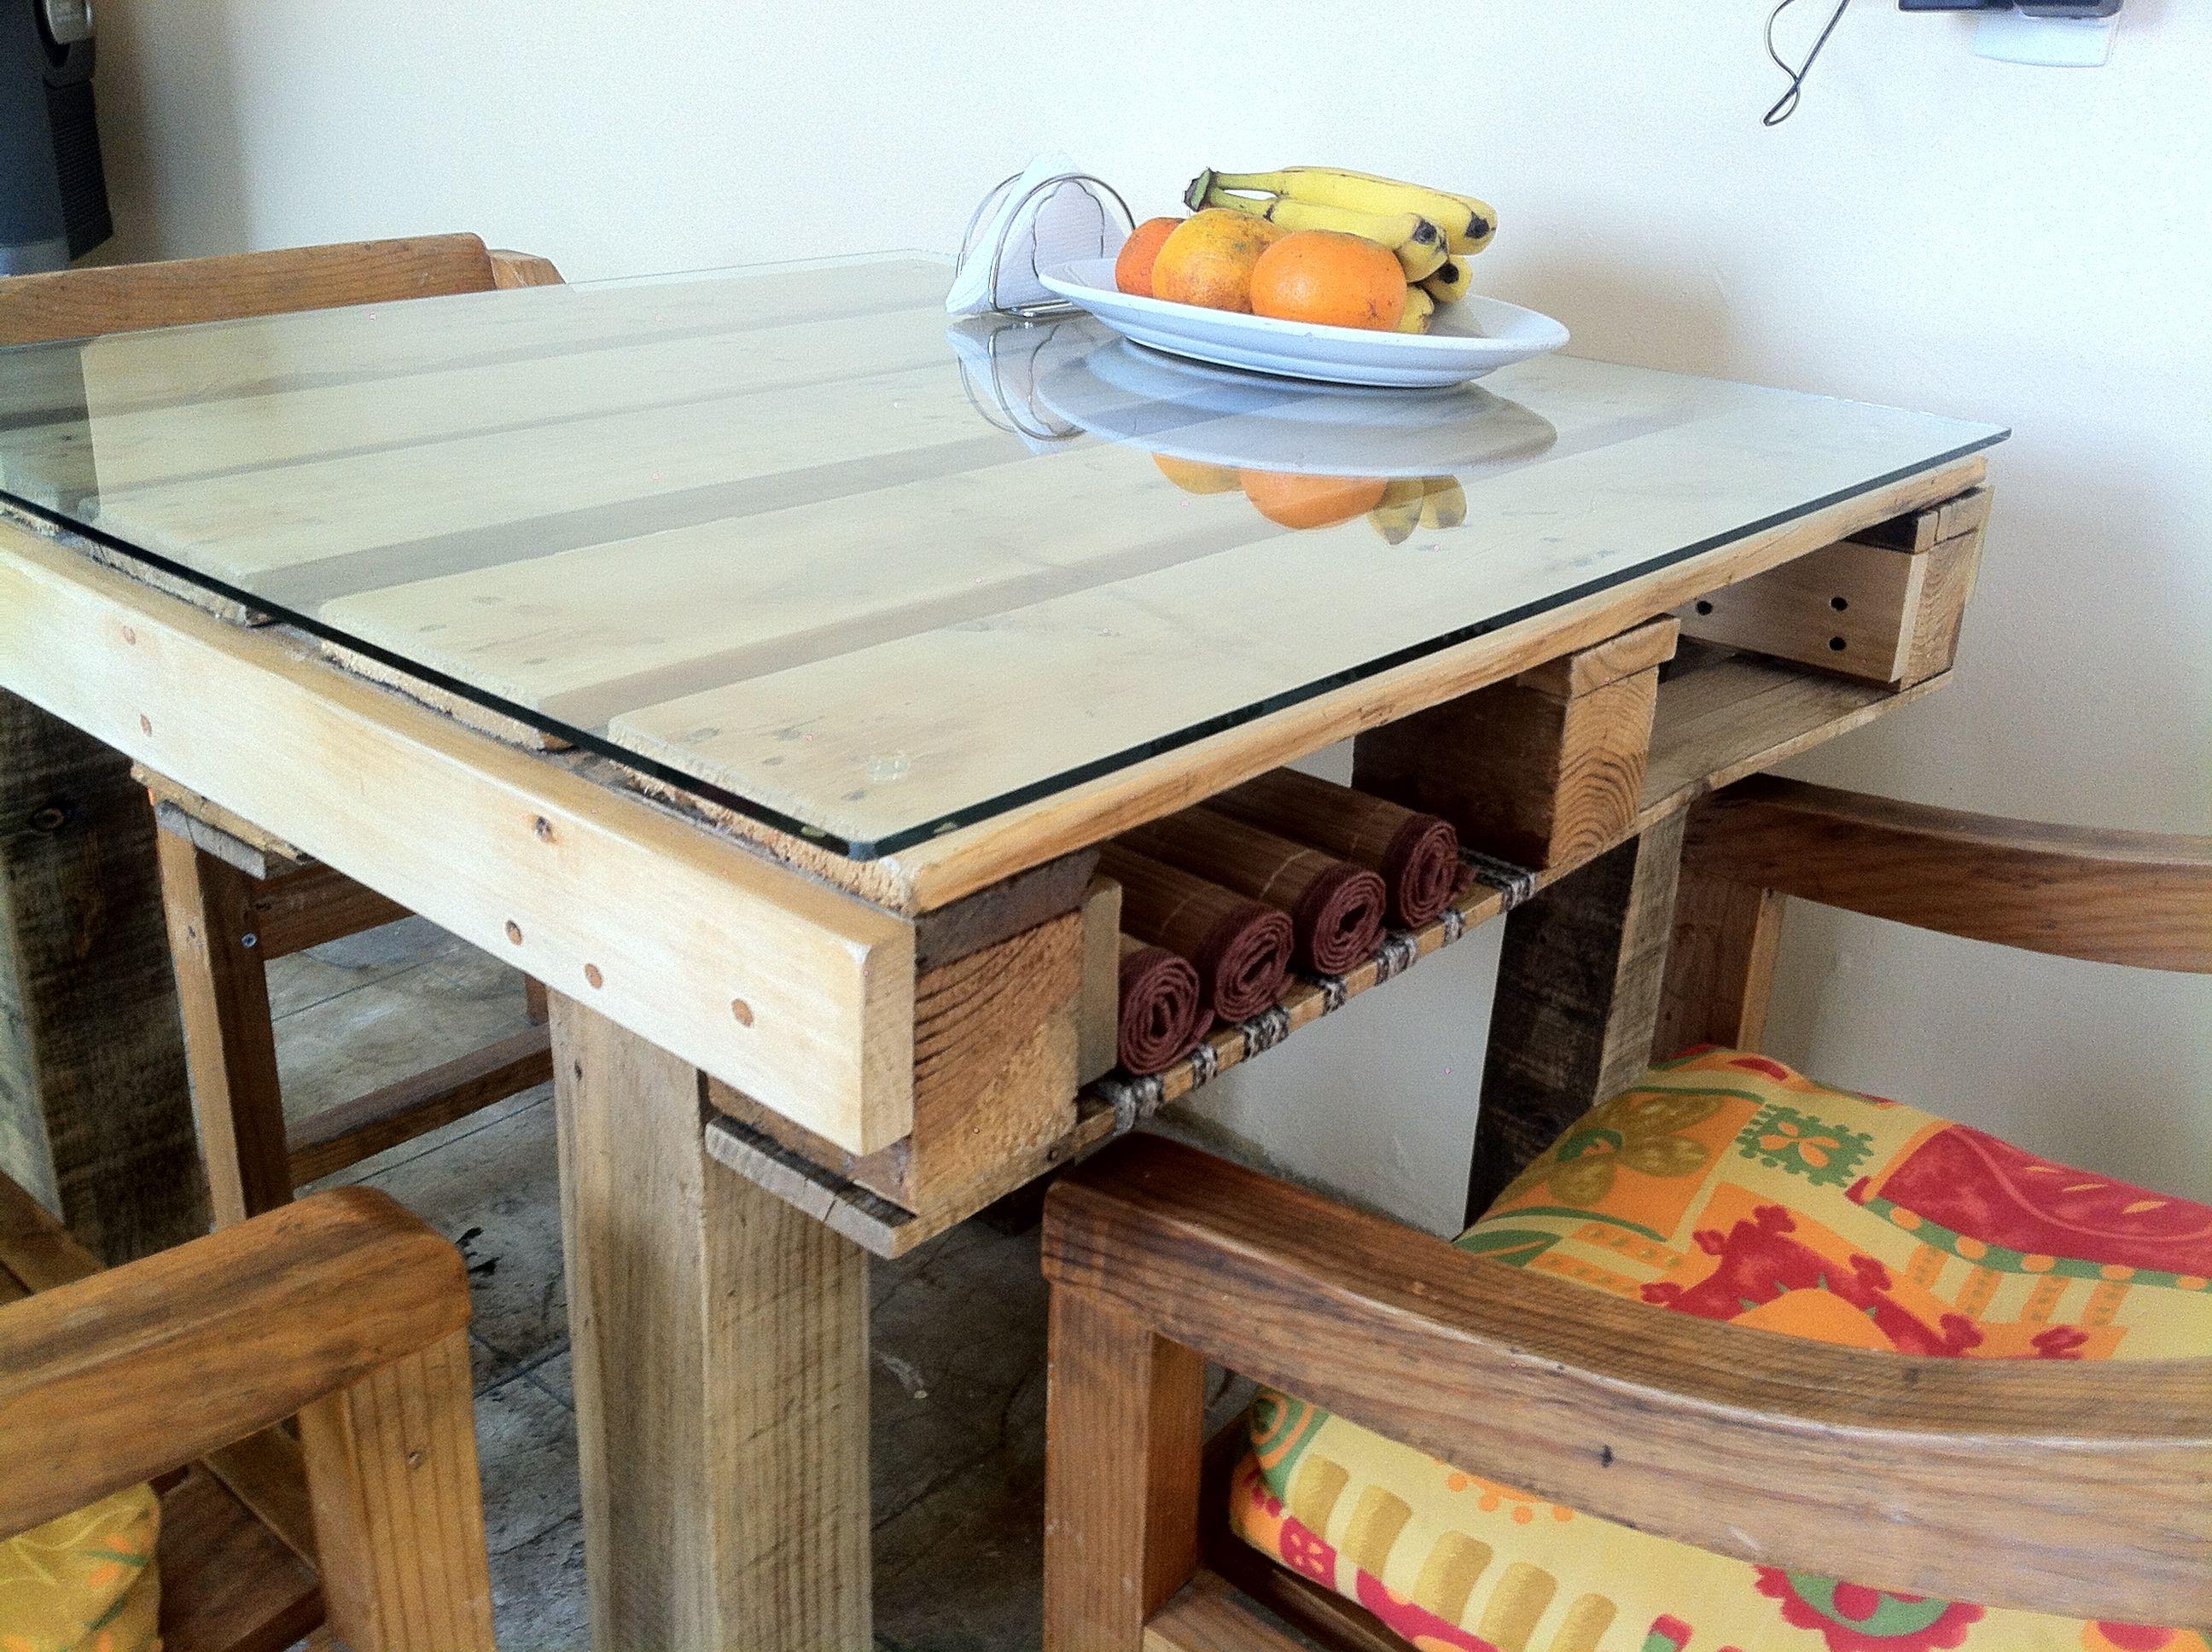 Cucina Pallet Fai Da Te a simple pallet table (con immagini) | arredamento, cassetti